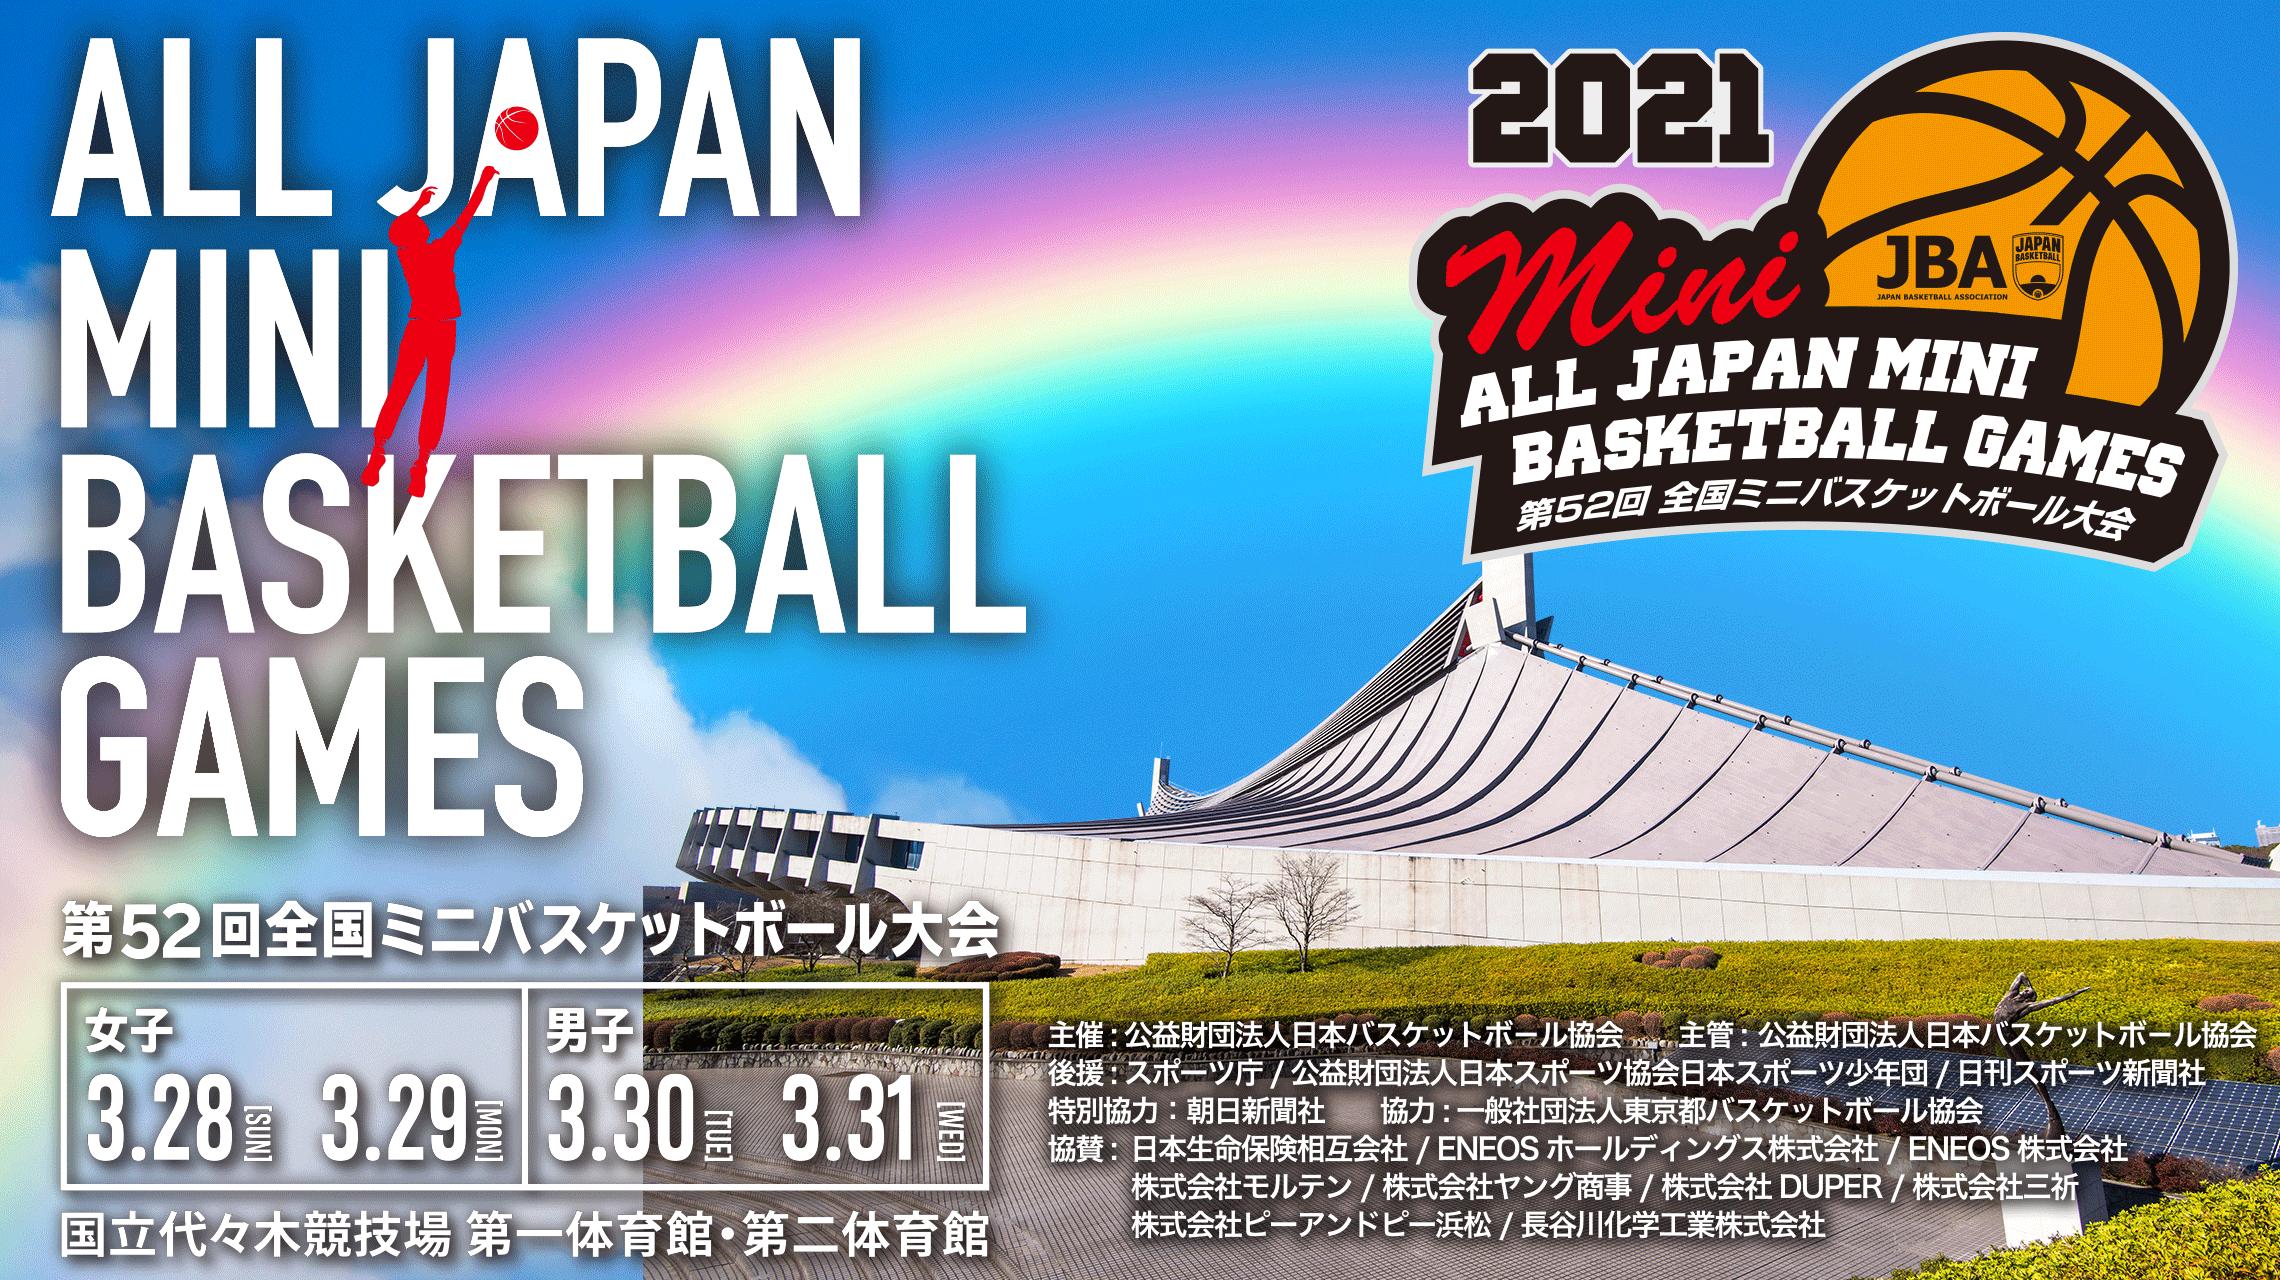 第52回全国ミニバスケットボール大会